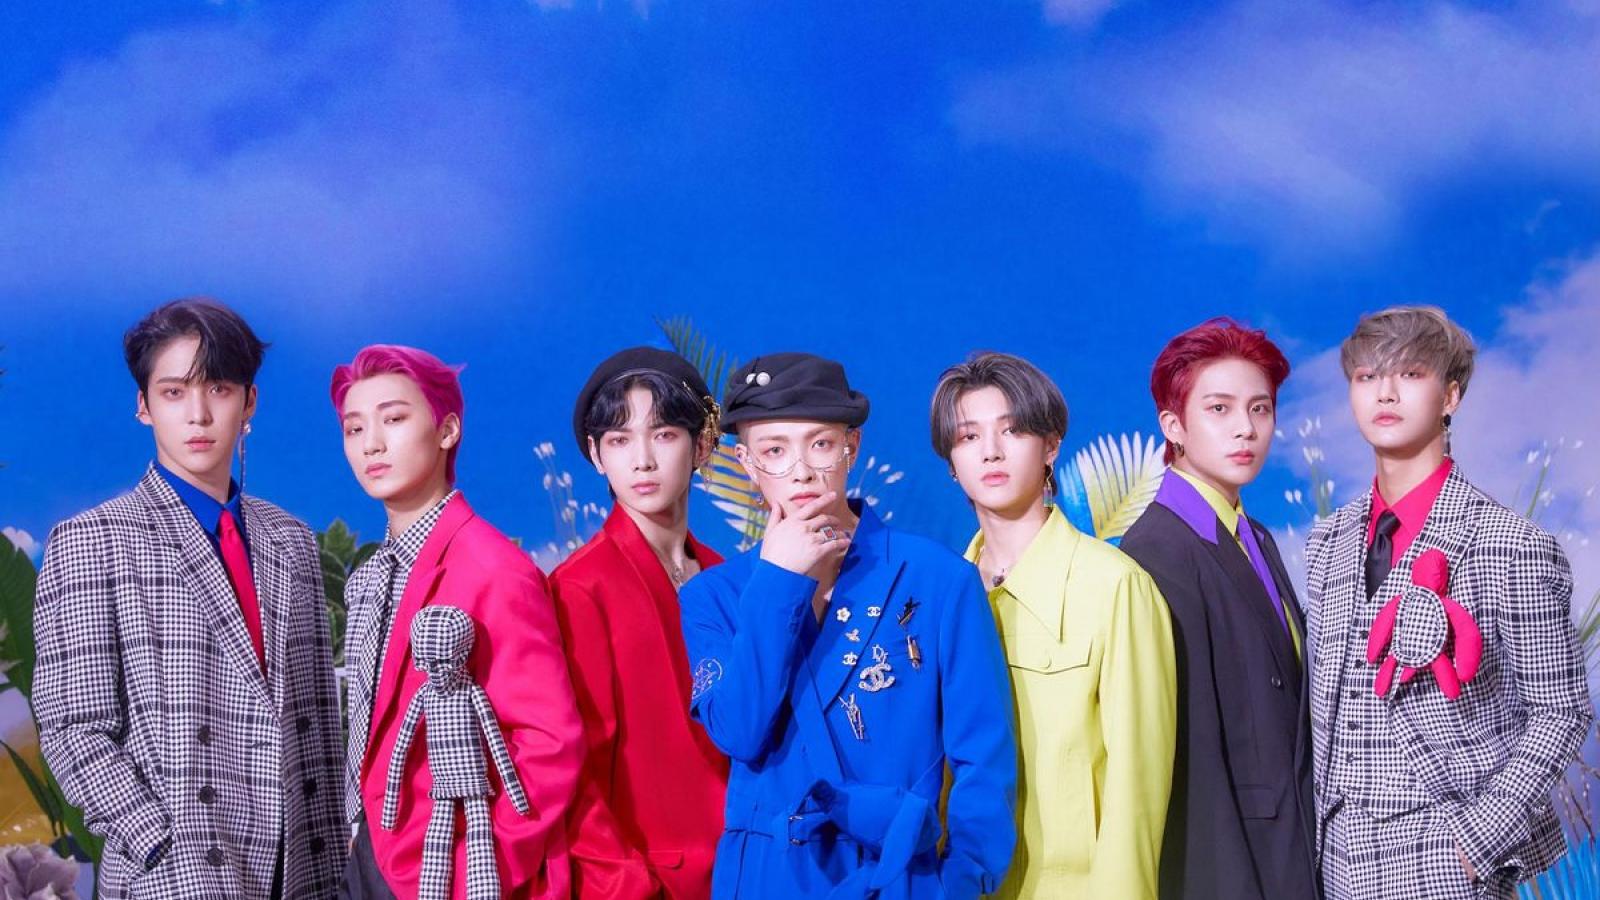 """GRAMMY """"chỉ mặt điểm tên"""" 5 nhóm nhạc có khả năng """"thống trị"""" K-pop trong tương lai"""